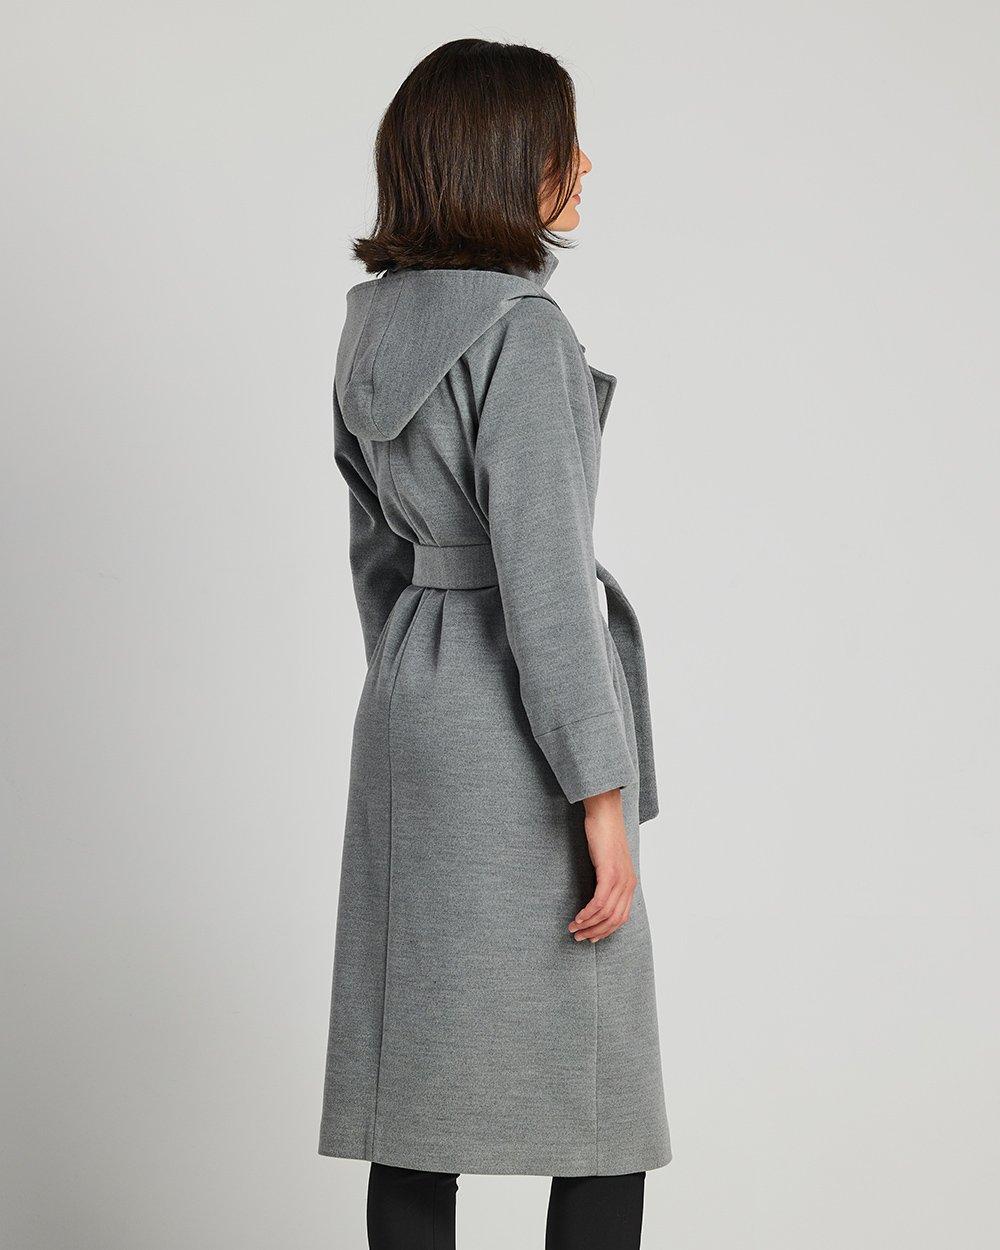 Παλτό με κουκούλα